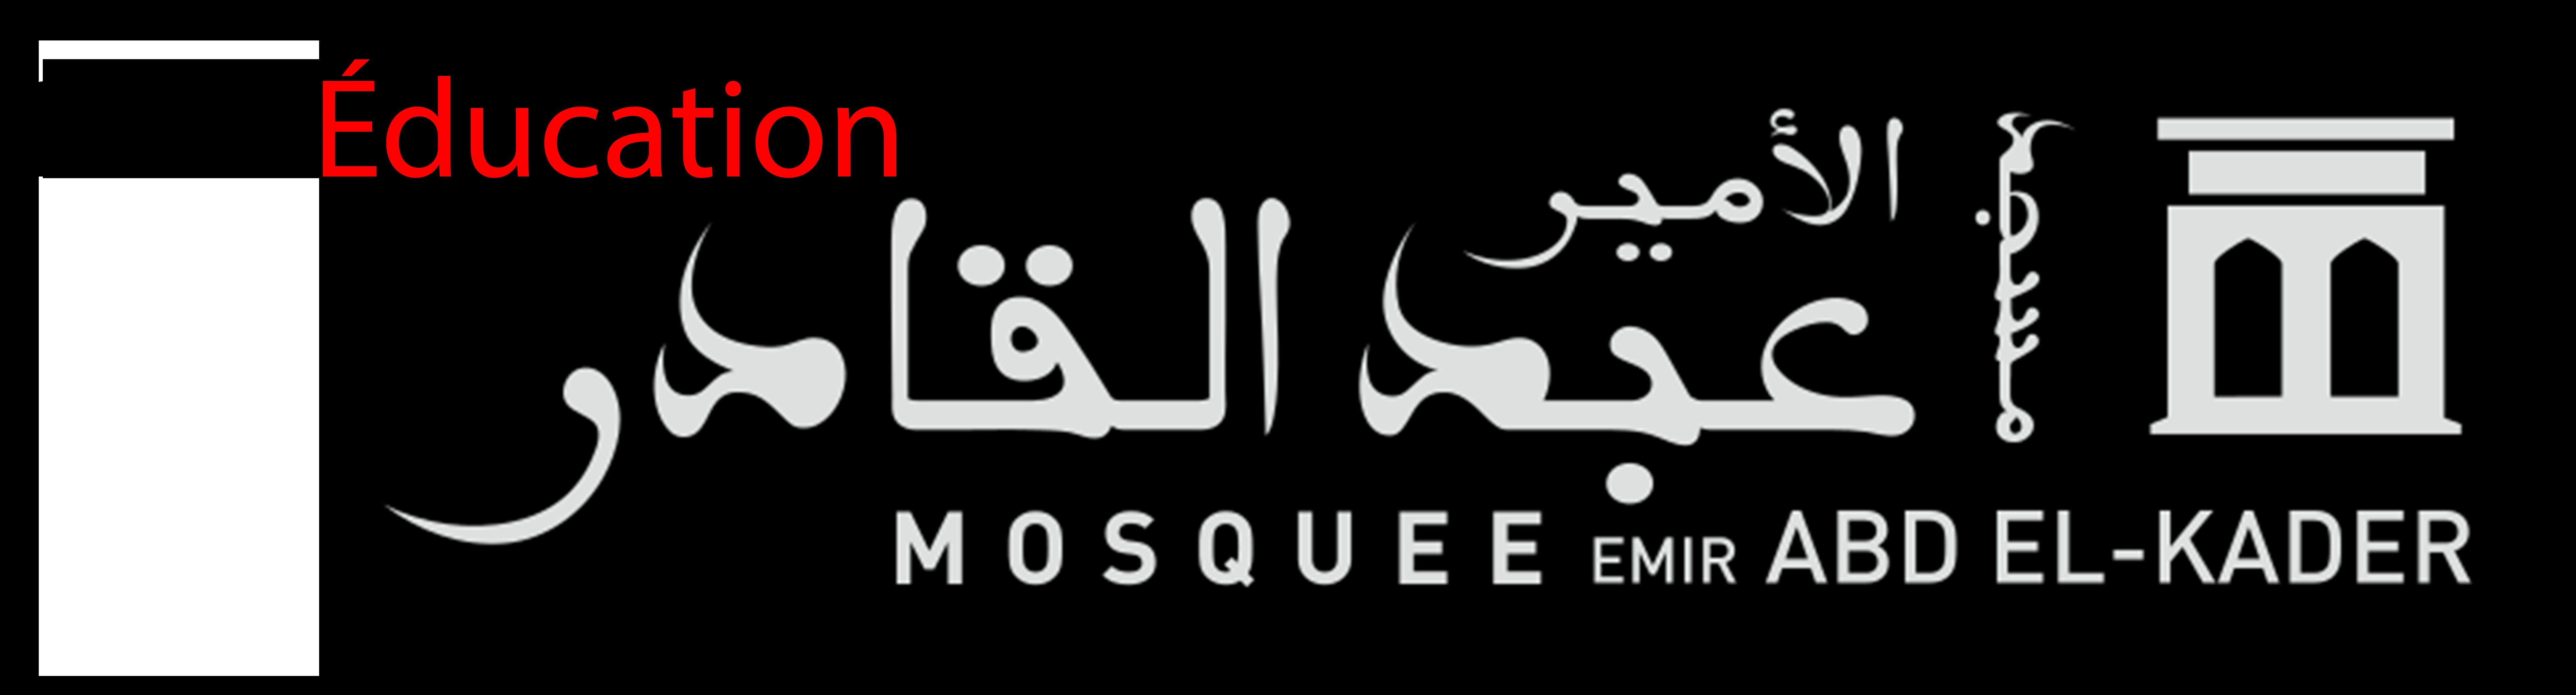 Mosquée Emir AbdelKader Annecy